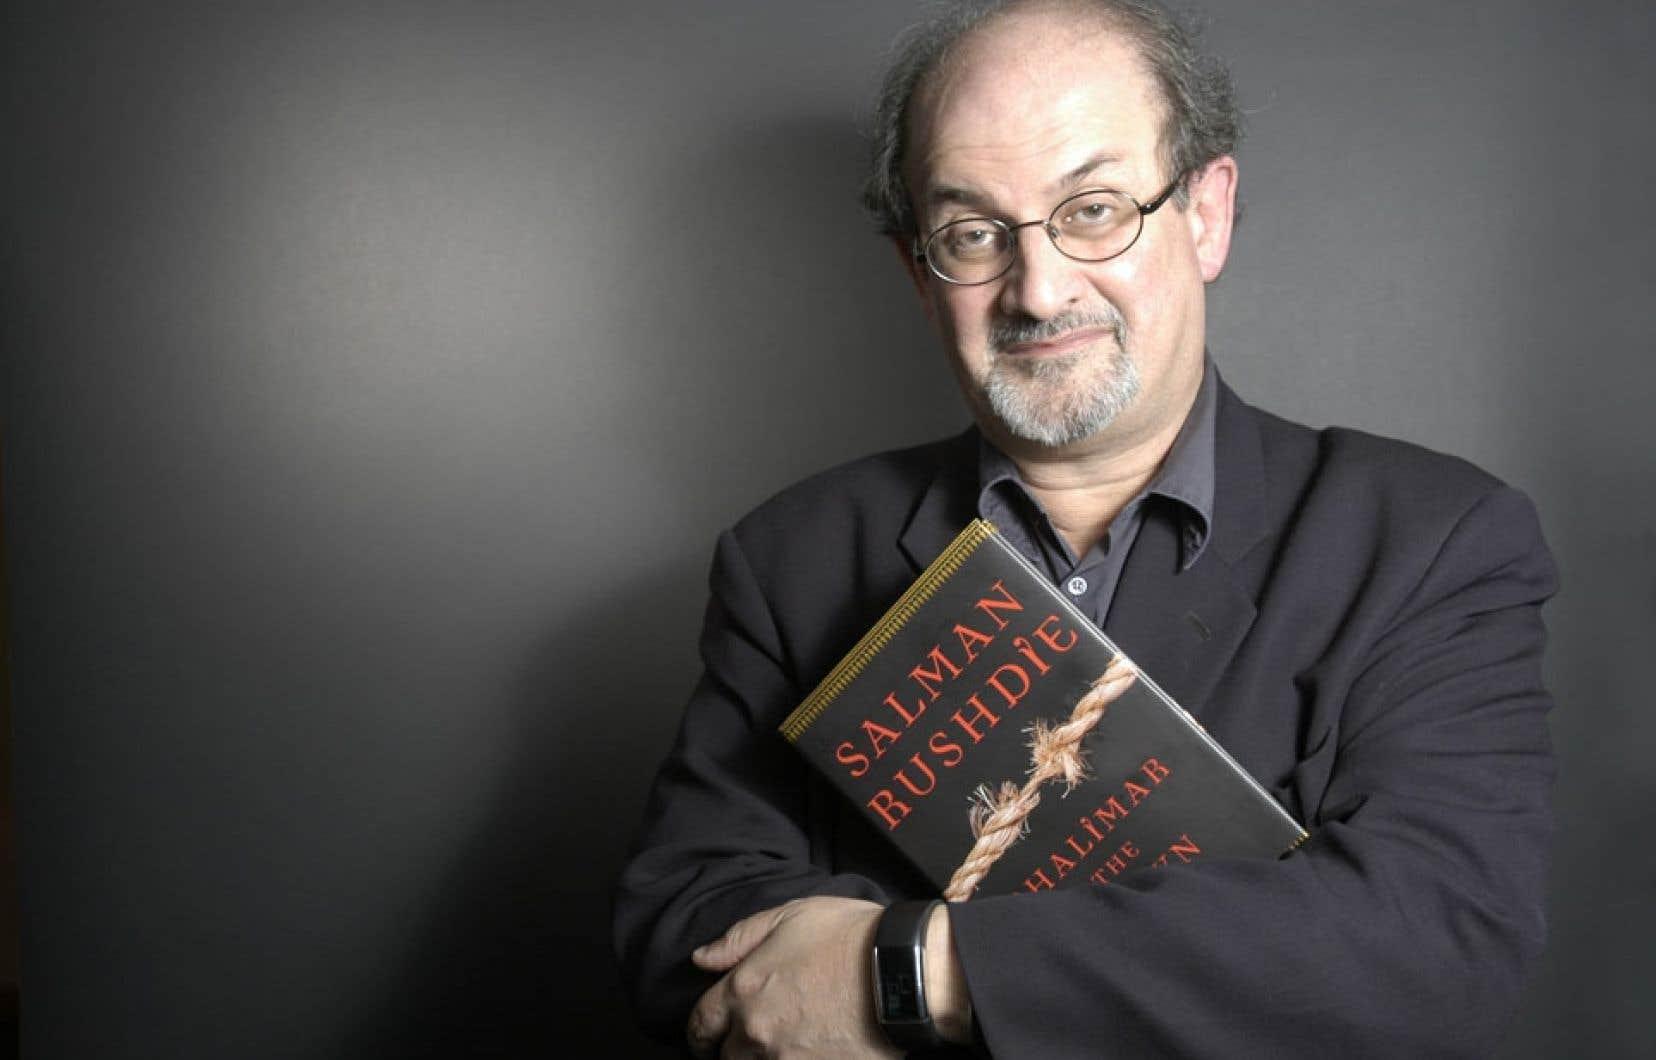 Salman Rushdie pose avec son livre nettoyé en vitesse dans le studio improvisé de notre photographe.